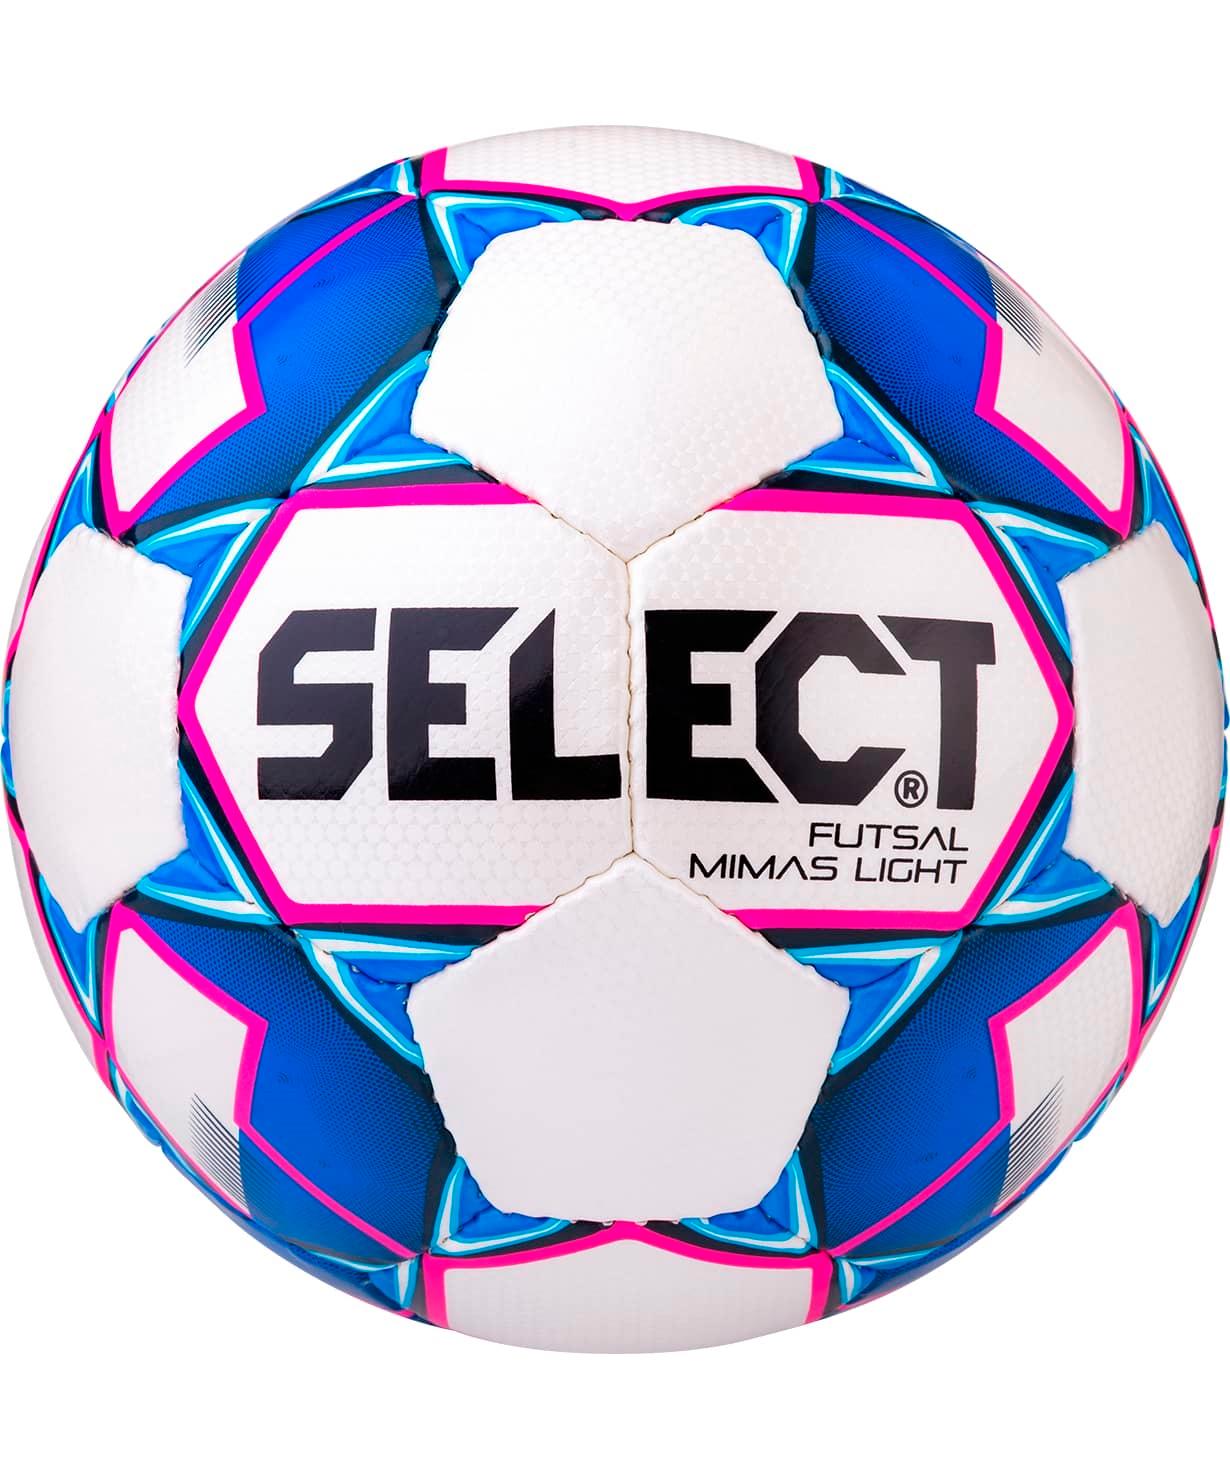 Мяч футзальный Futsal Mimas Light 852613, №4, белый/синий/розовый